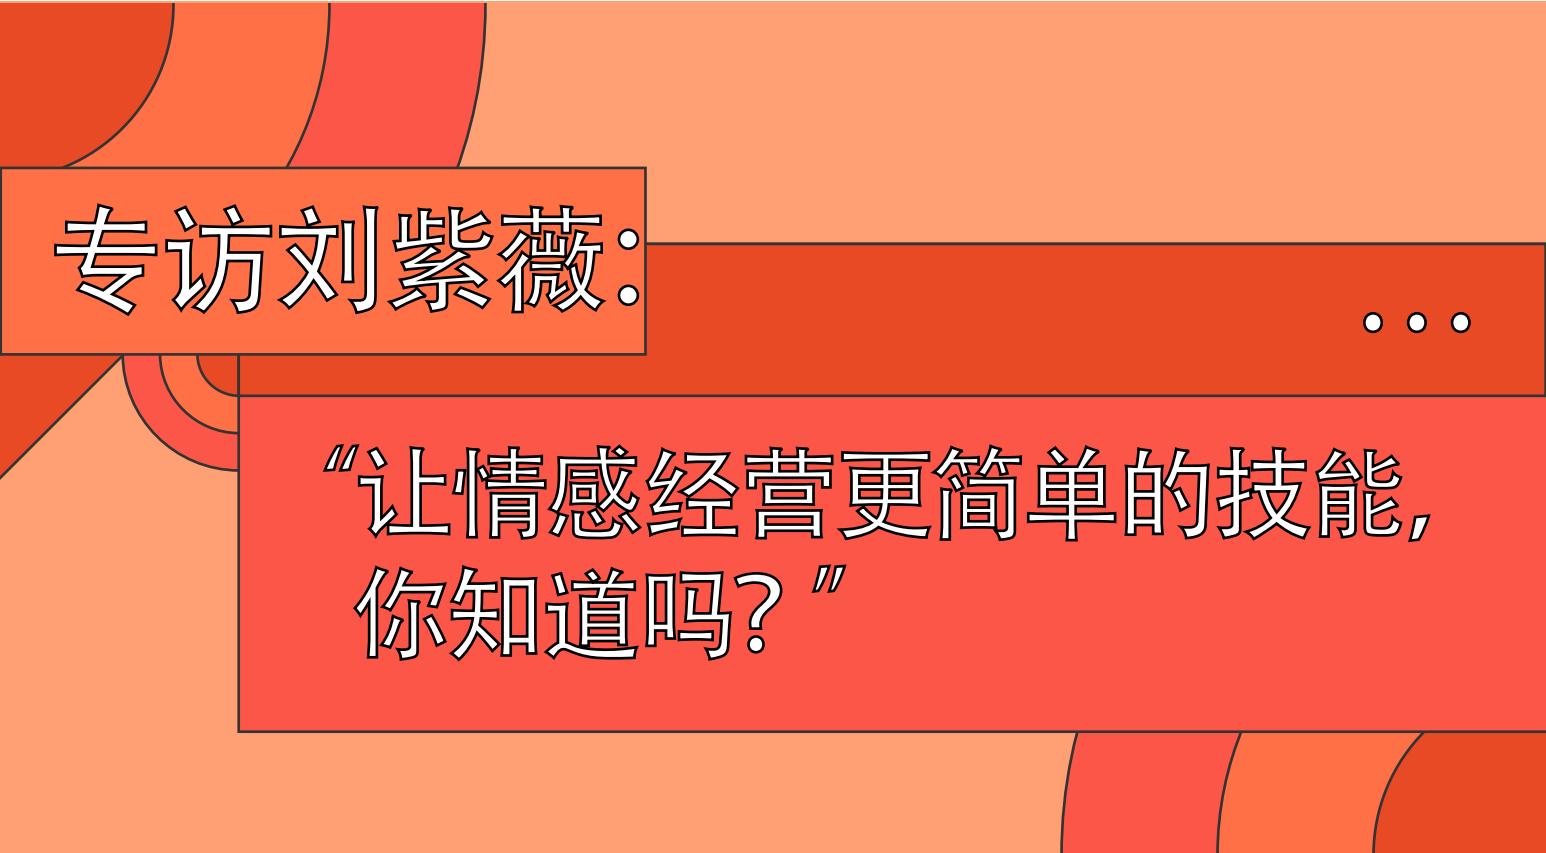 专访刘紫薇:让情感经营更简单的技能,你知道吗?